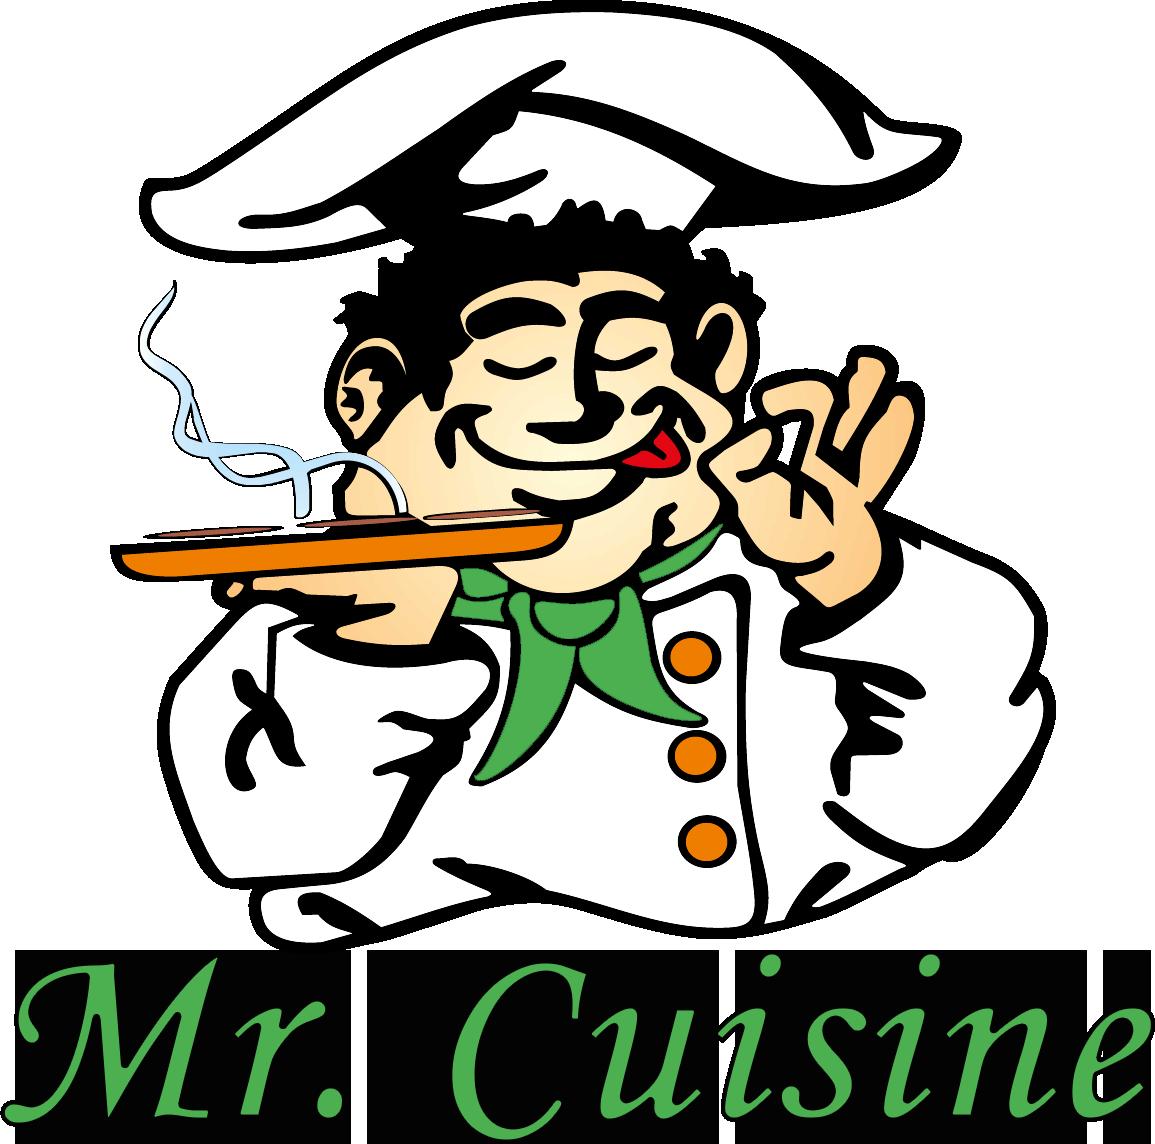 Mr. Cuisine